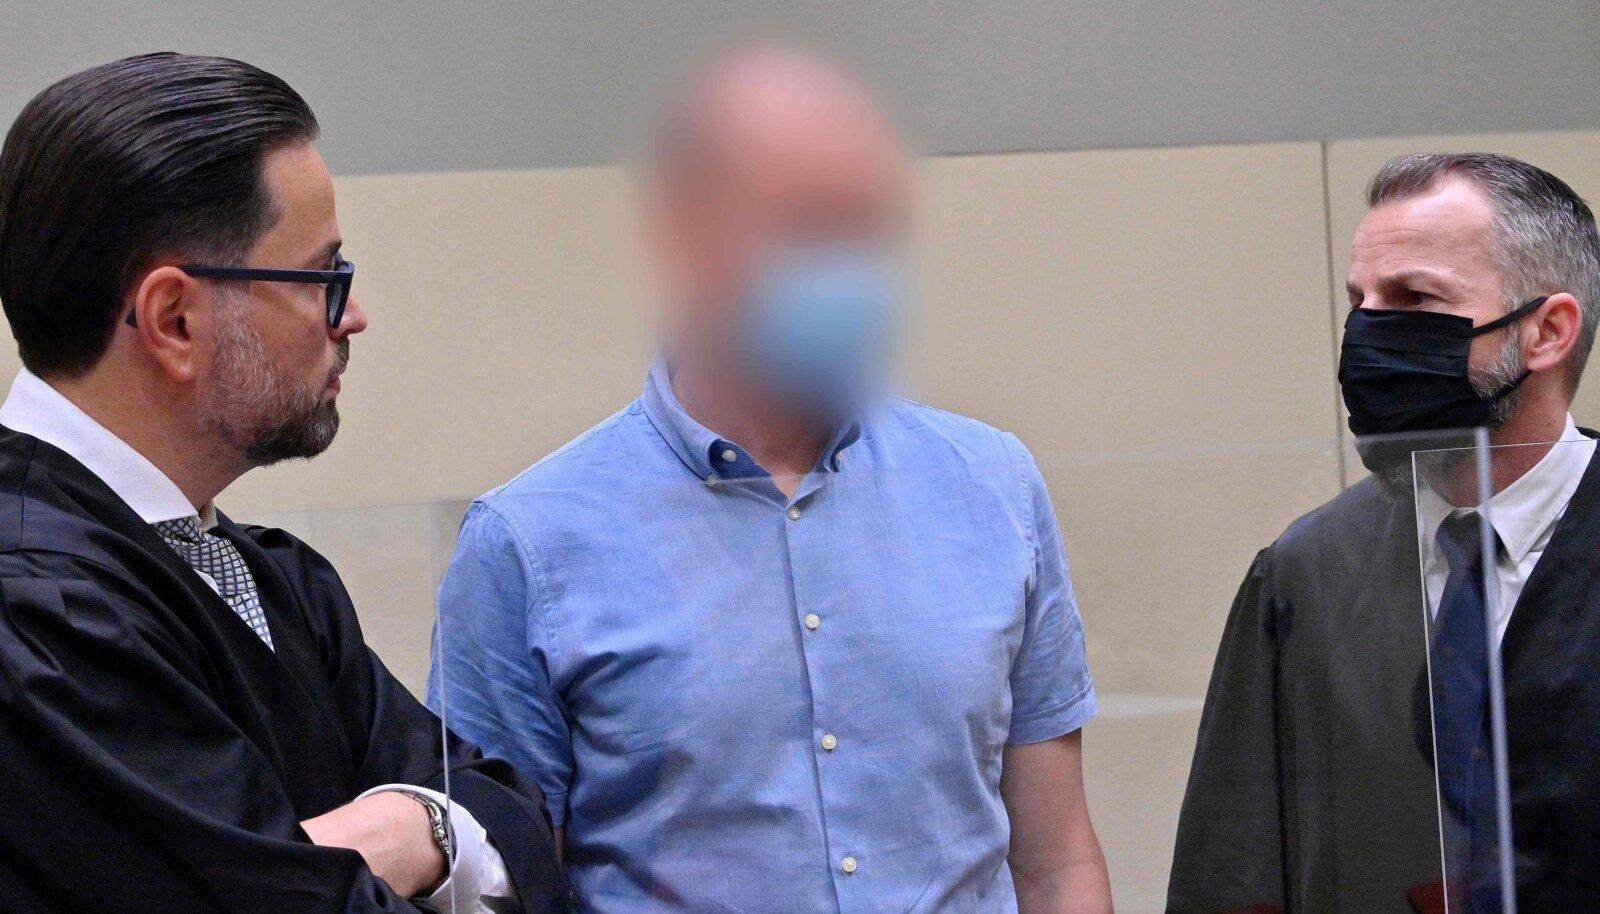 Dopinguarst Mark Schmidt kahe advokaadi vahel